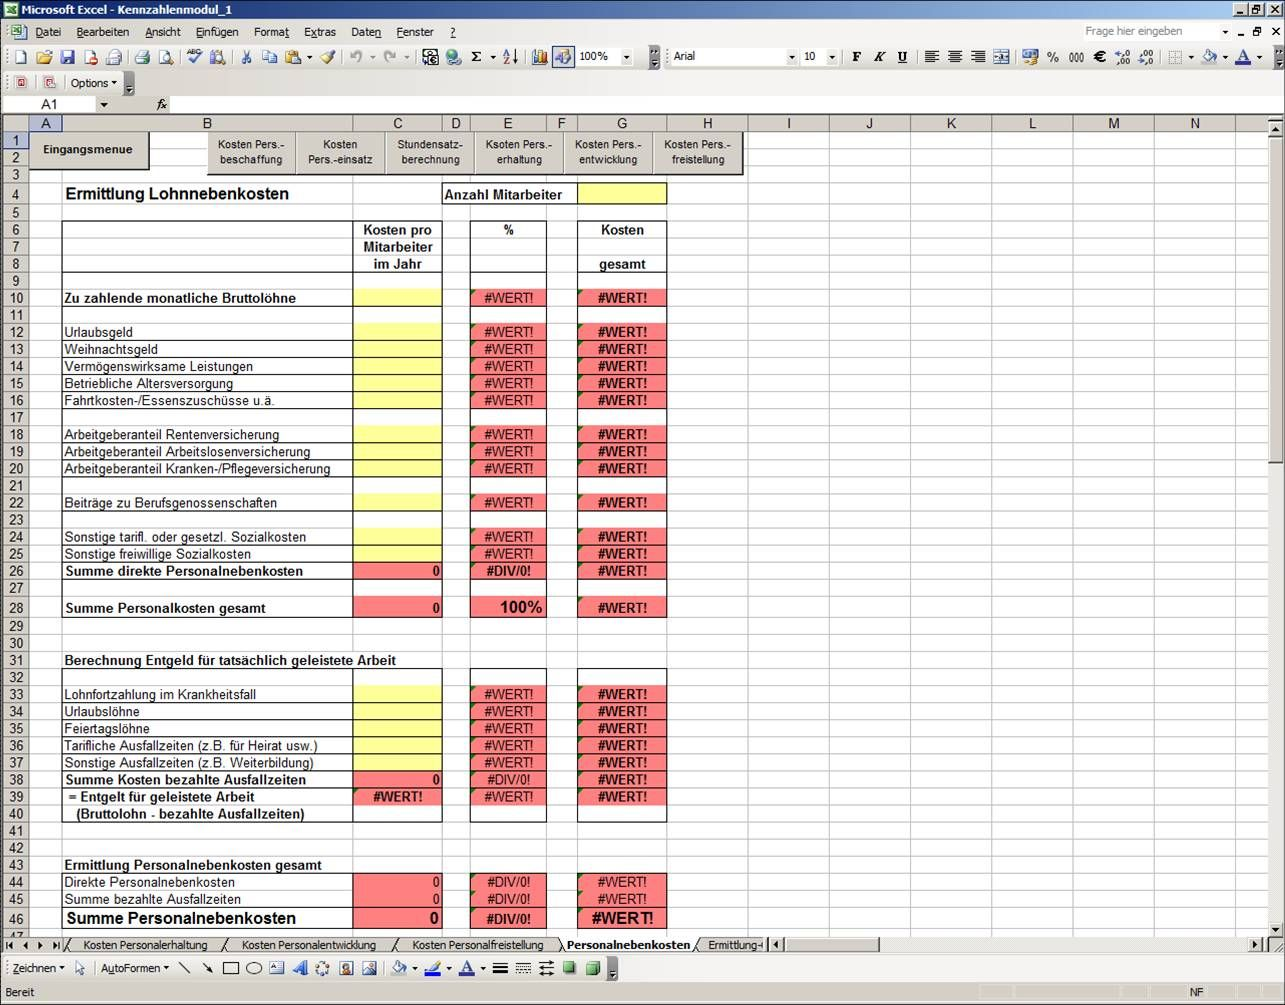 Fantastisch Monatliche Berichtsvorlage Excel Zeitgenössisch - Entry ...